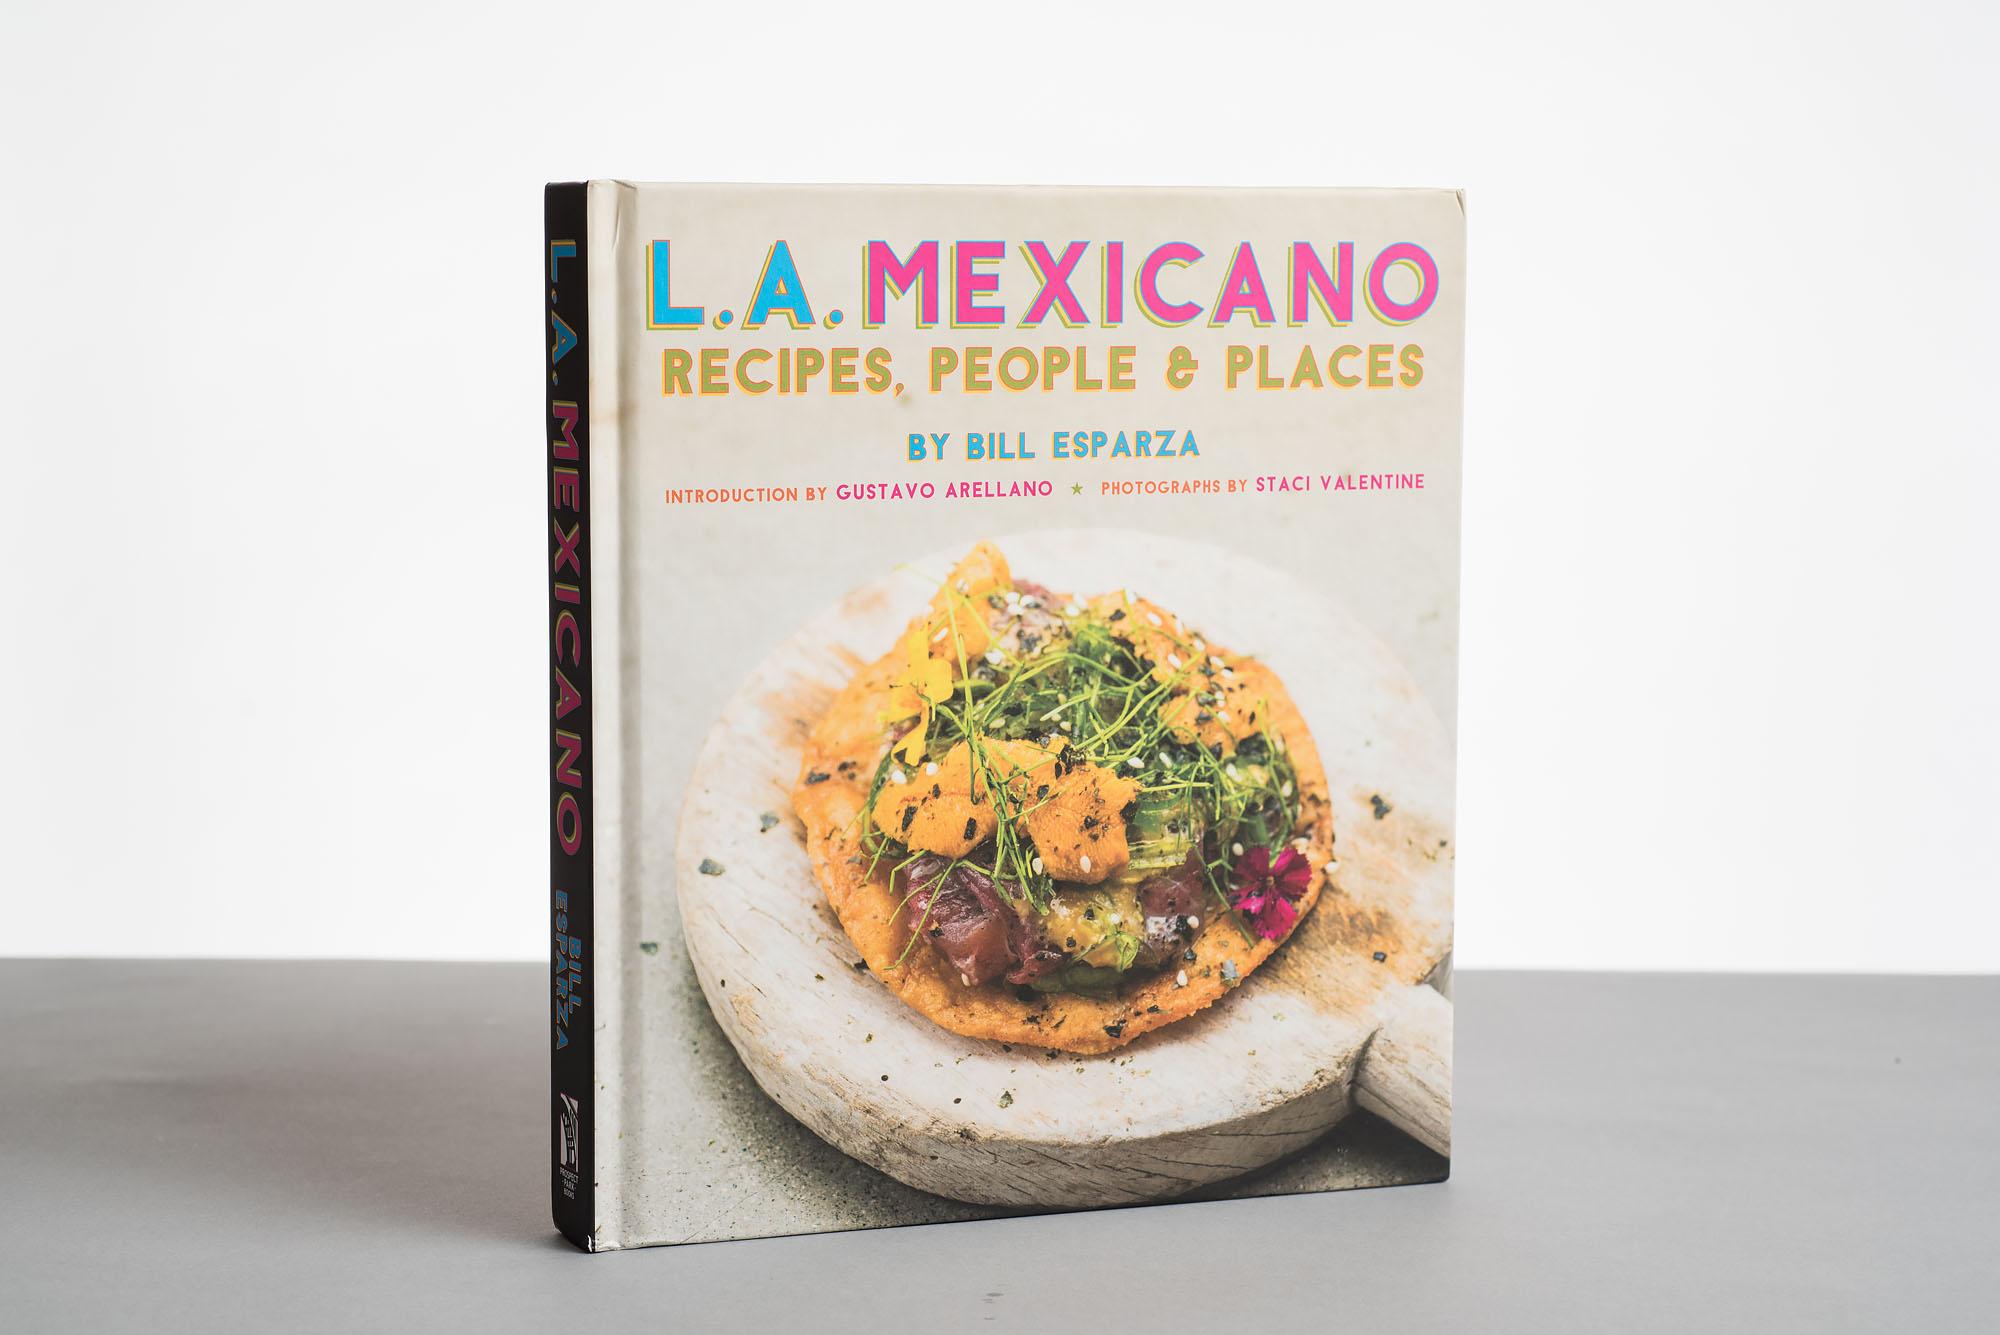 L.A. Mexicano cookbook